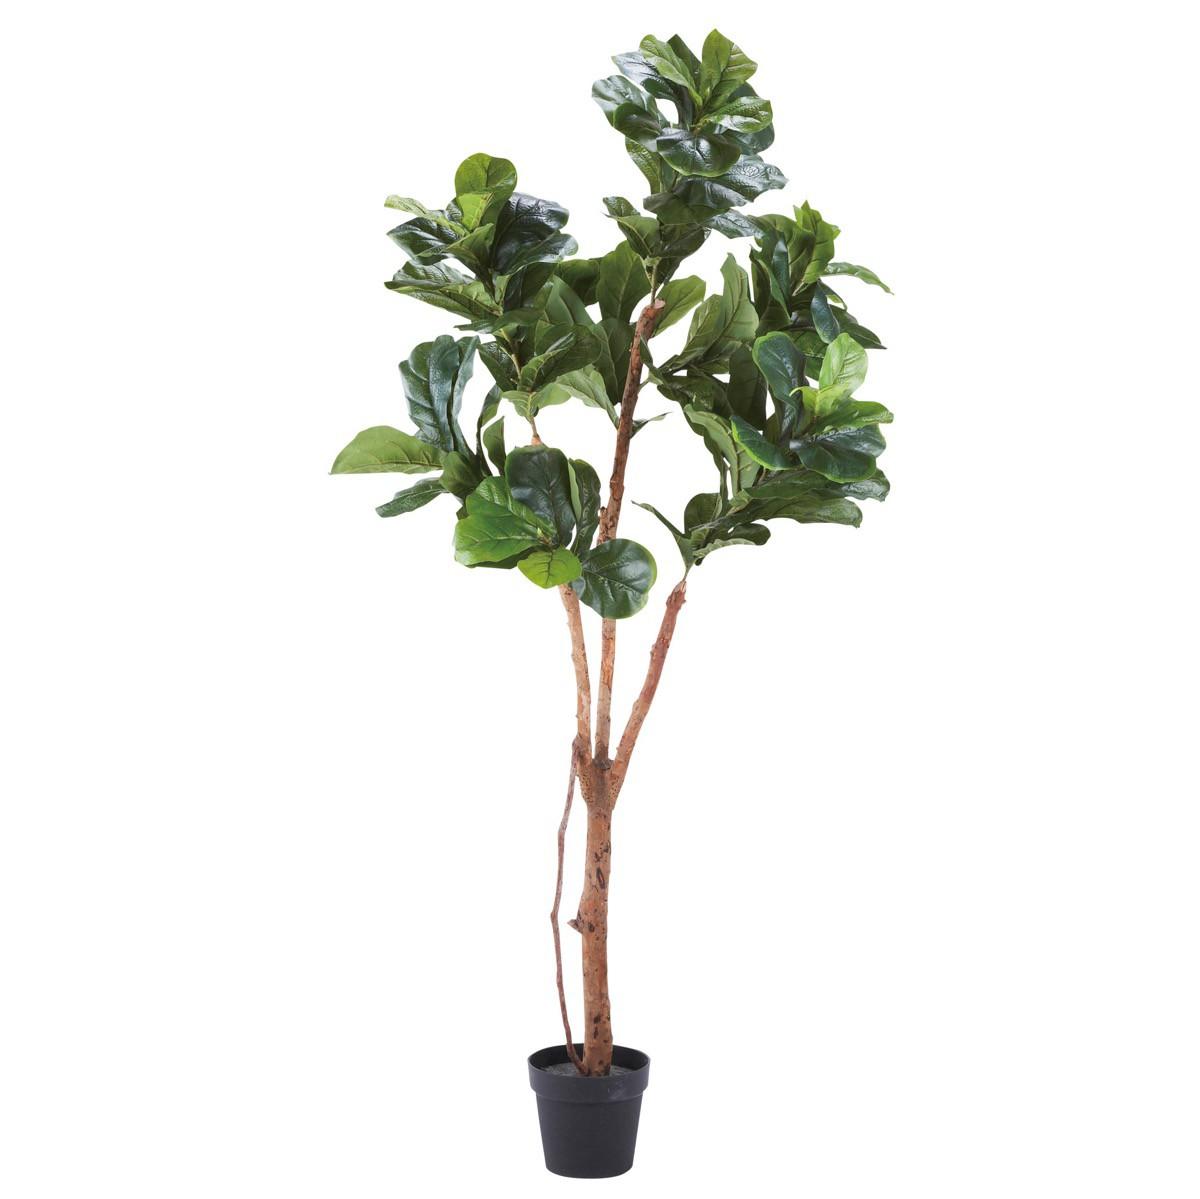 人工観葉植物 フェイクグリーン 観葉植物 造花 大型 カシワバゴム 180cm インテリア おしゃれ フェイク グリーン CT触媒 消臭 抗菌 お祝い